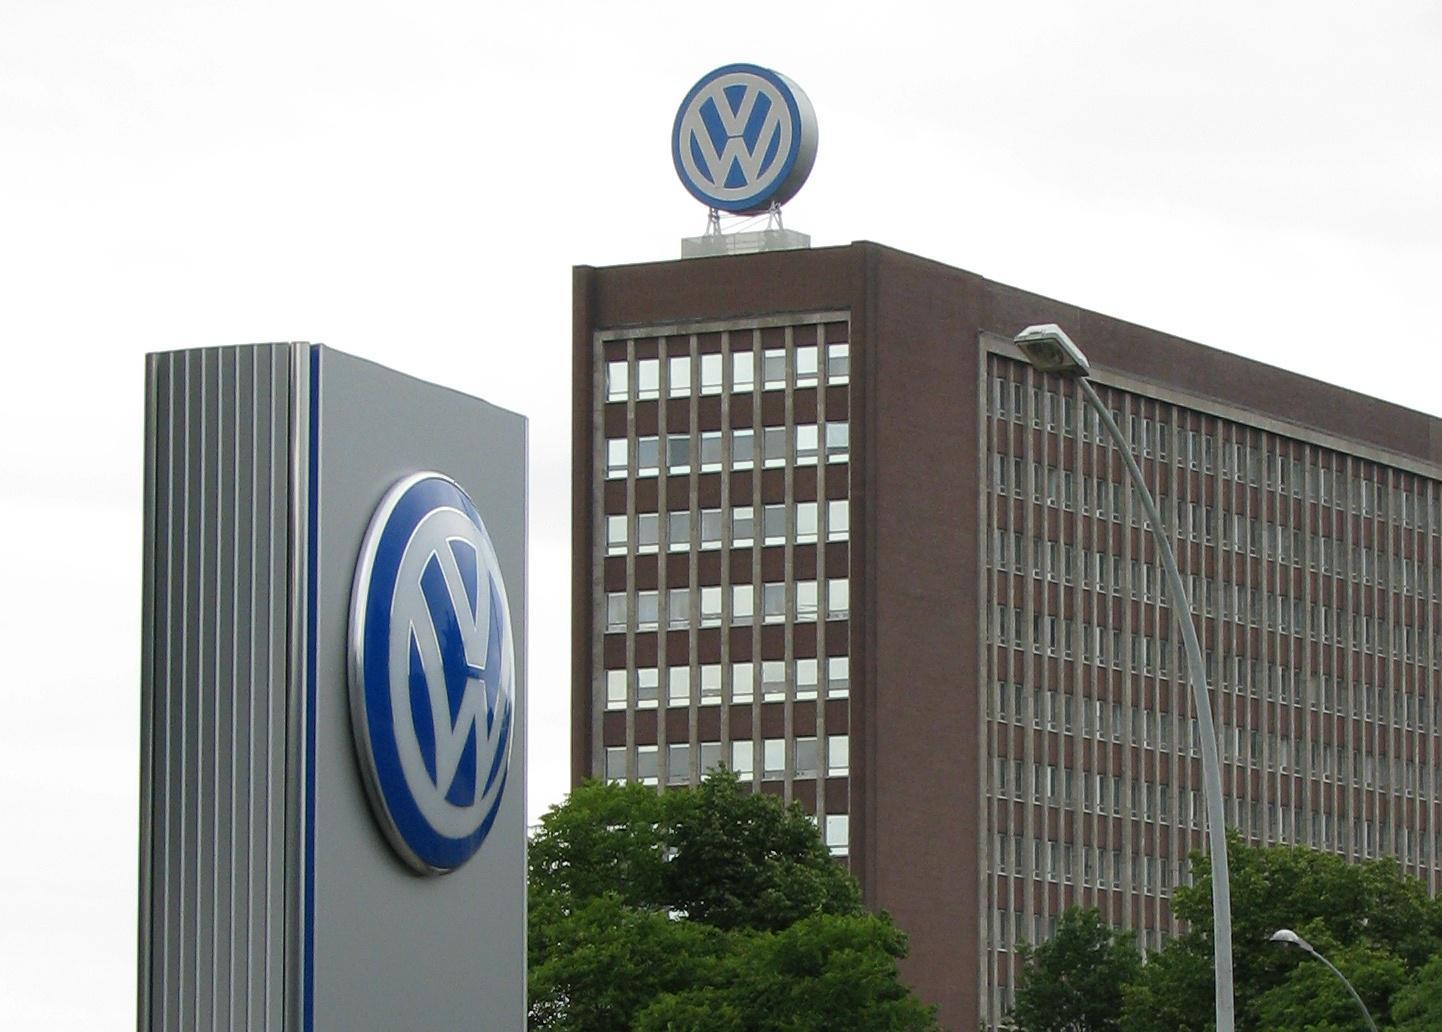 «Беспилотники, сервисы шеринга и ПО». Volkswagen рассказала о стратегии компании до 2030 года